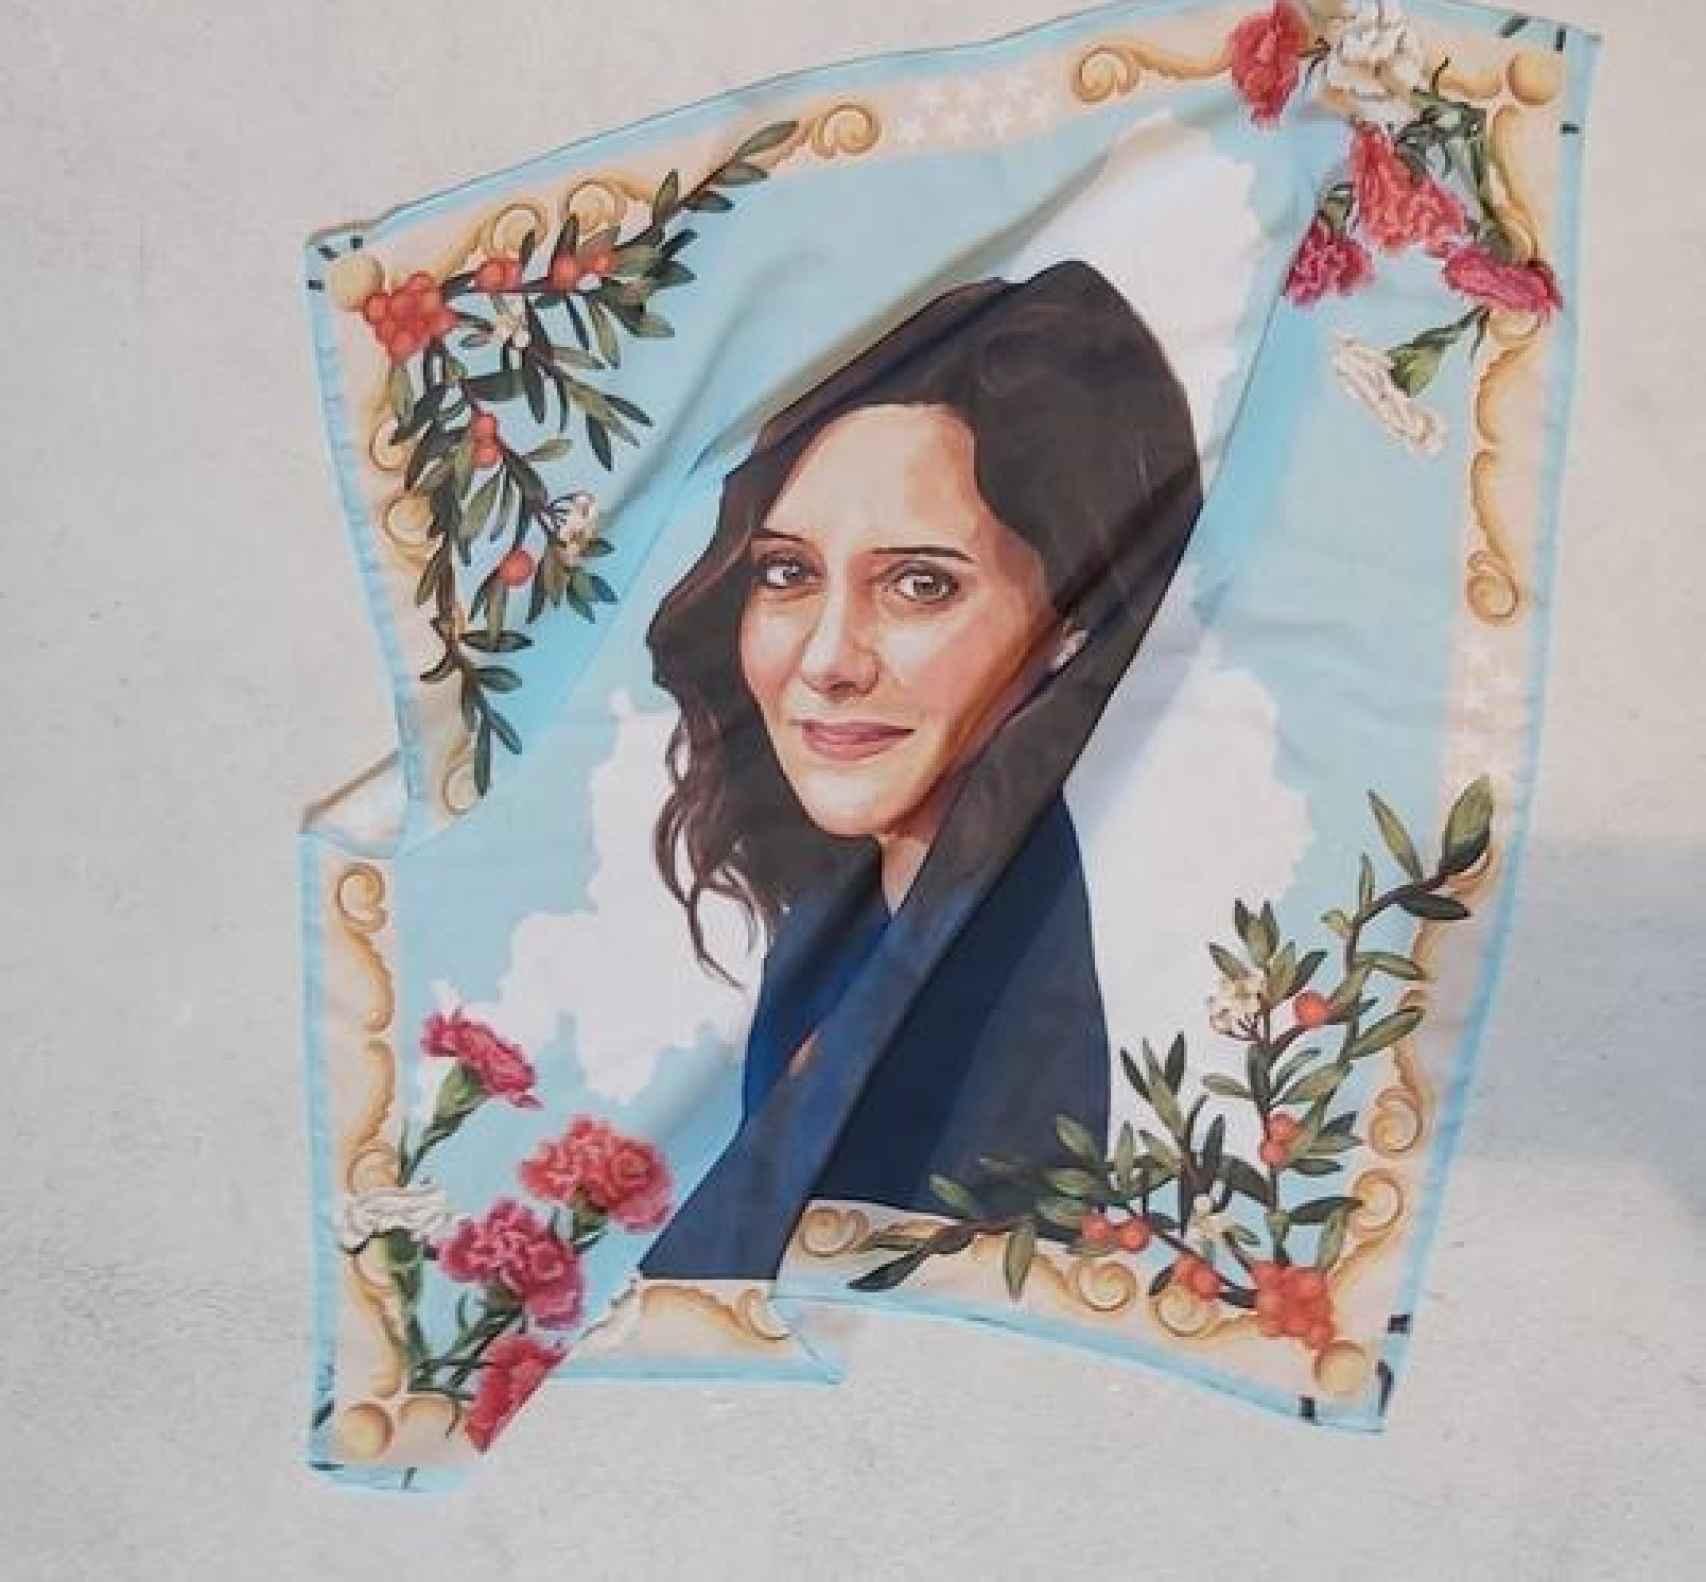 Pañuelo creado con motivo del Día de la Madre.